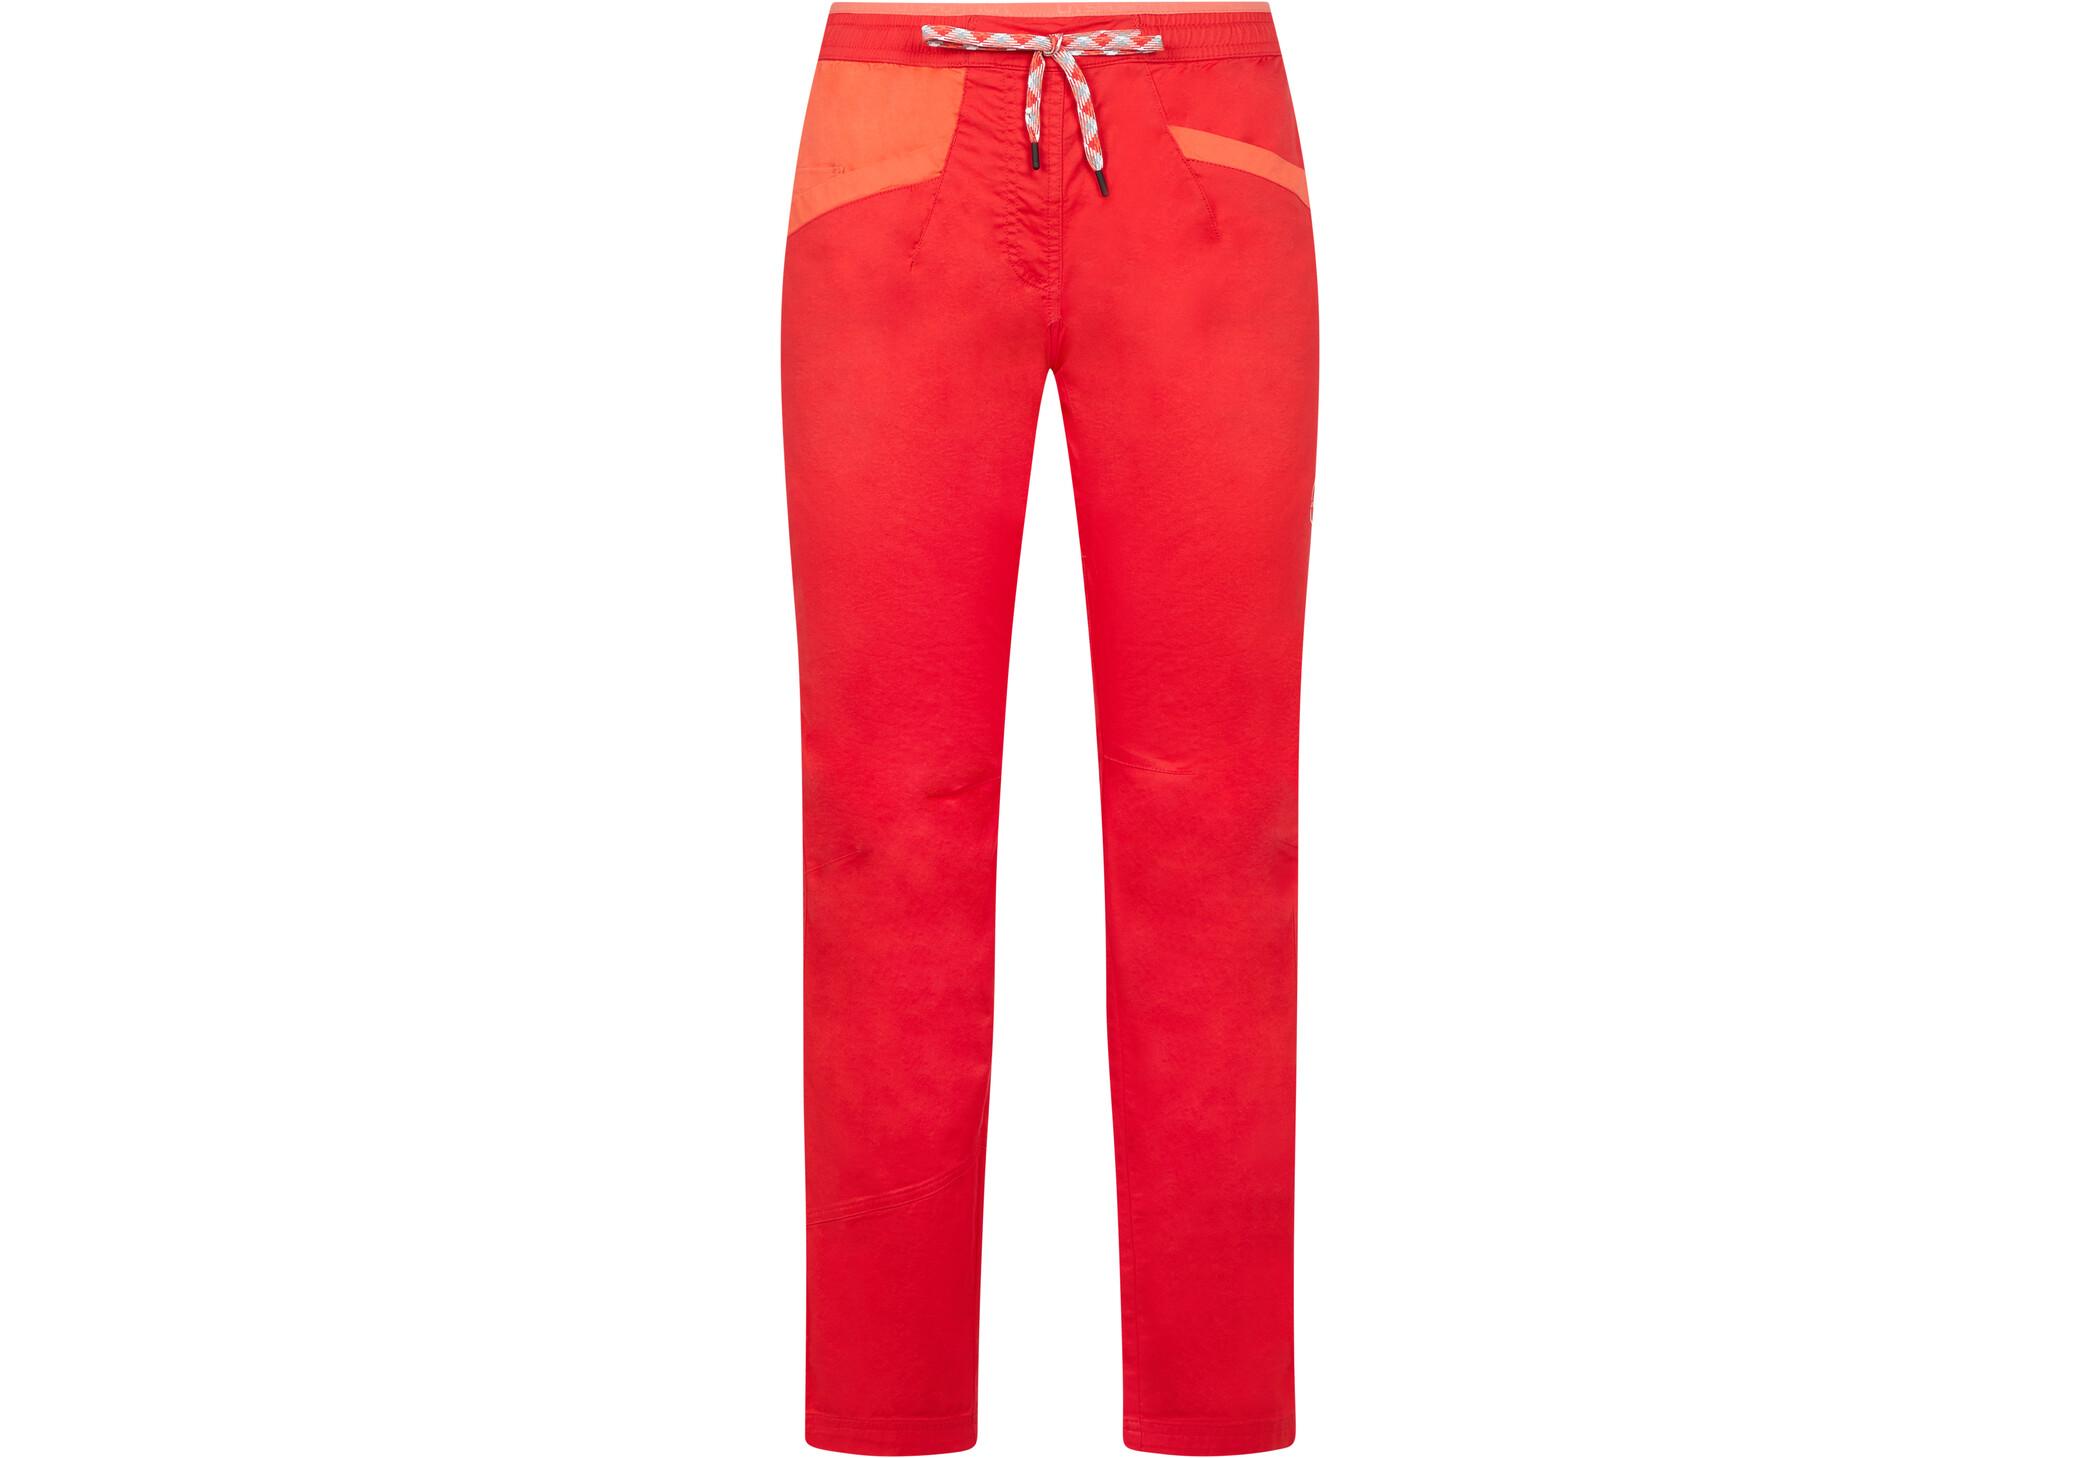 Pantalones De Escalada La Sportiva Online Campz Es